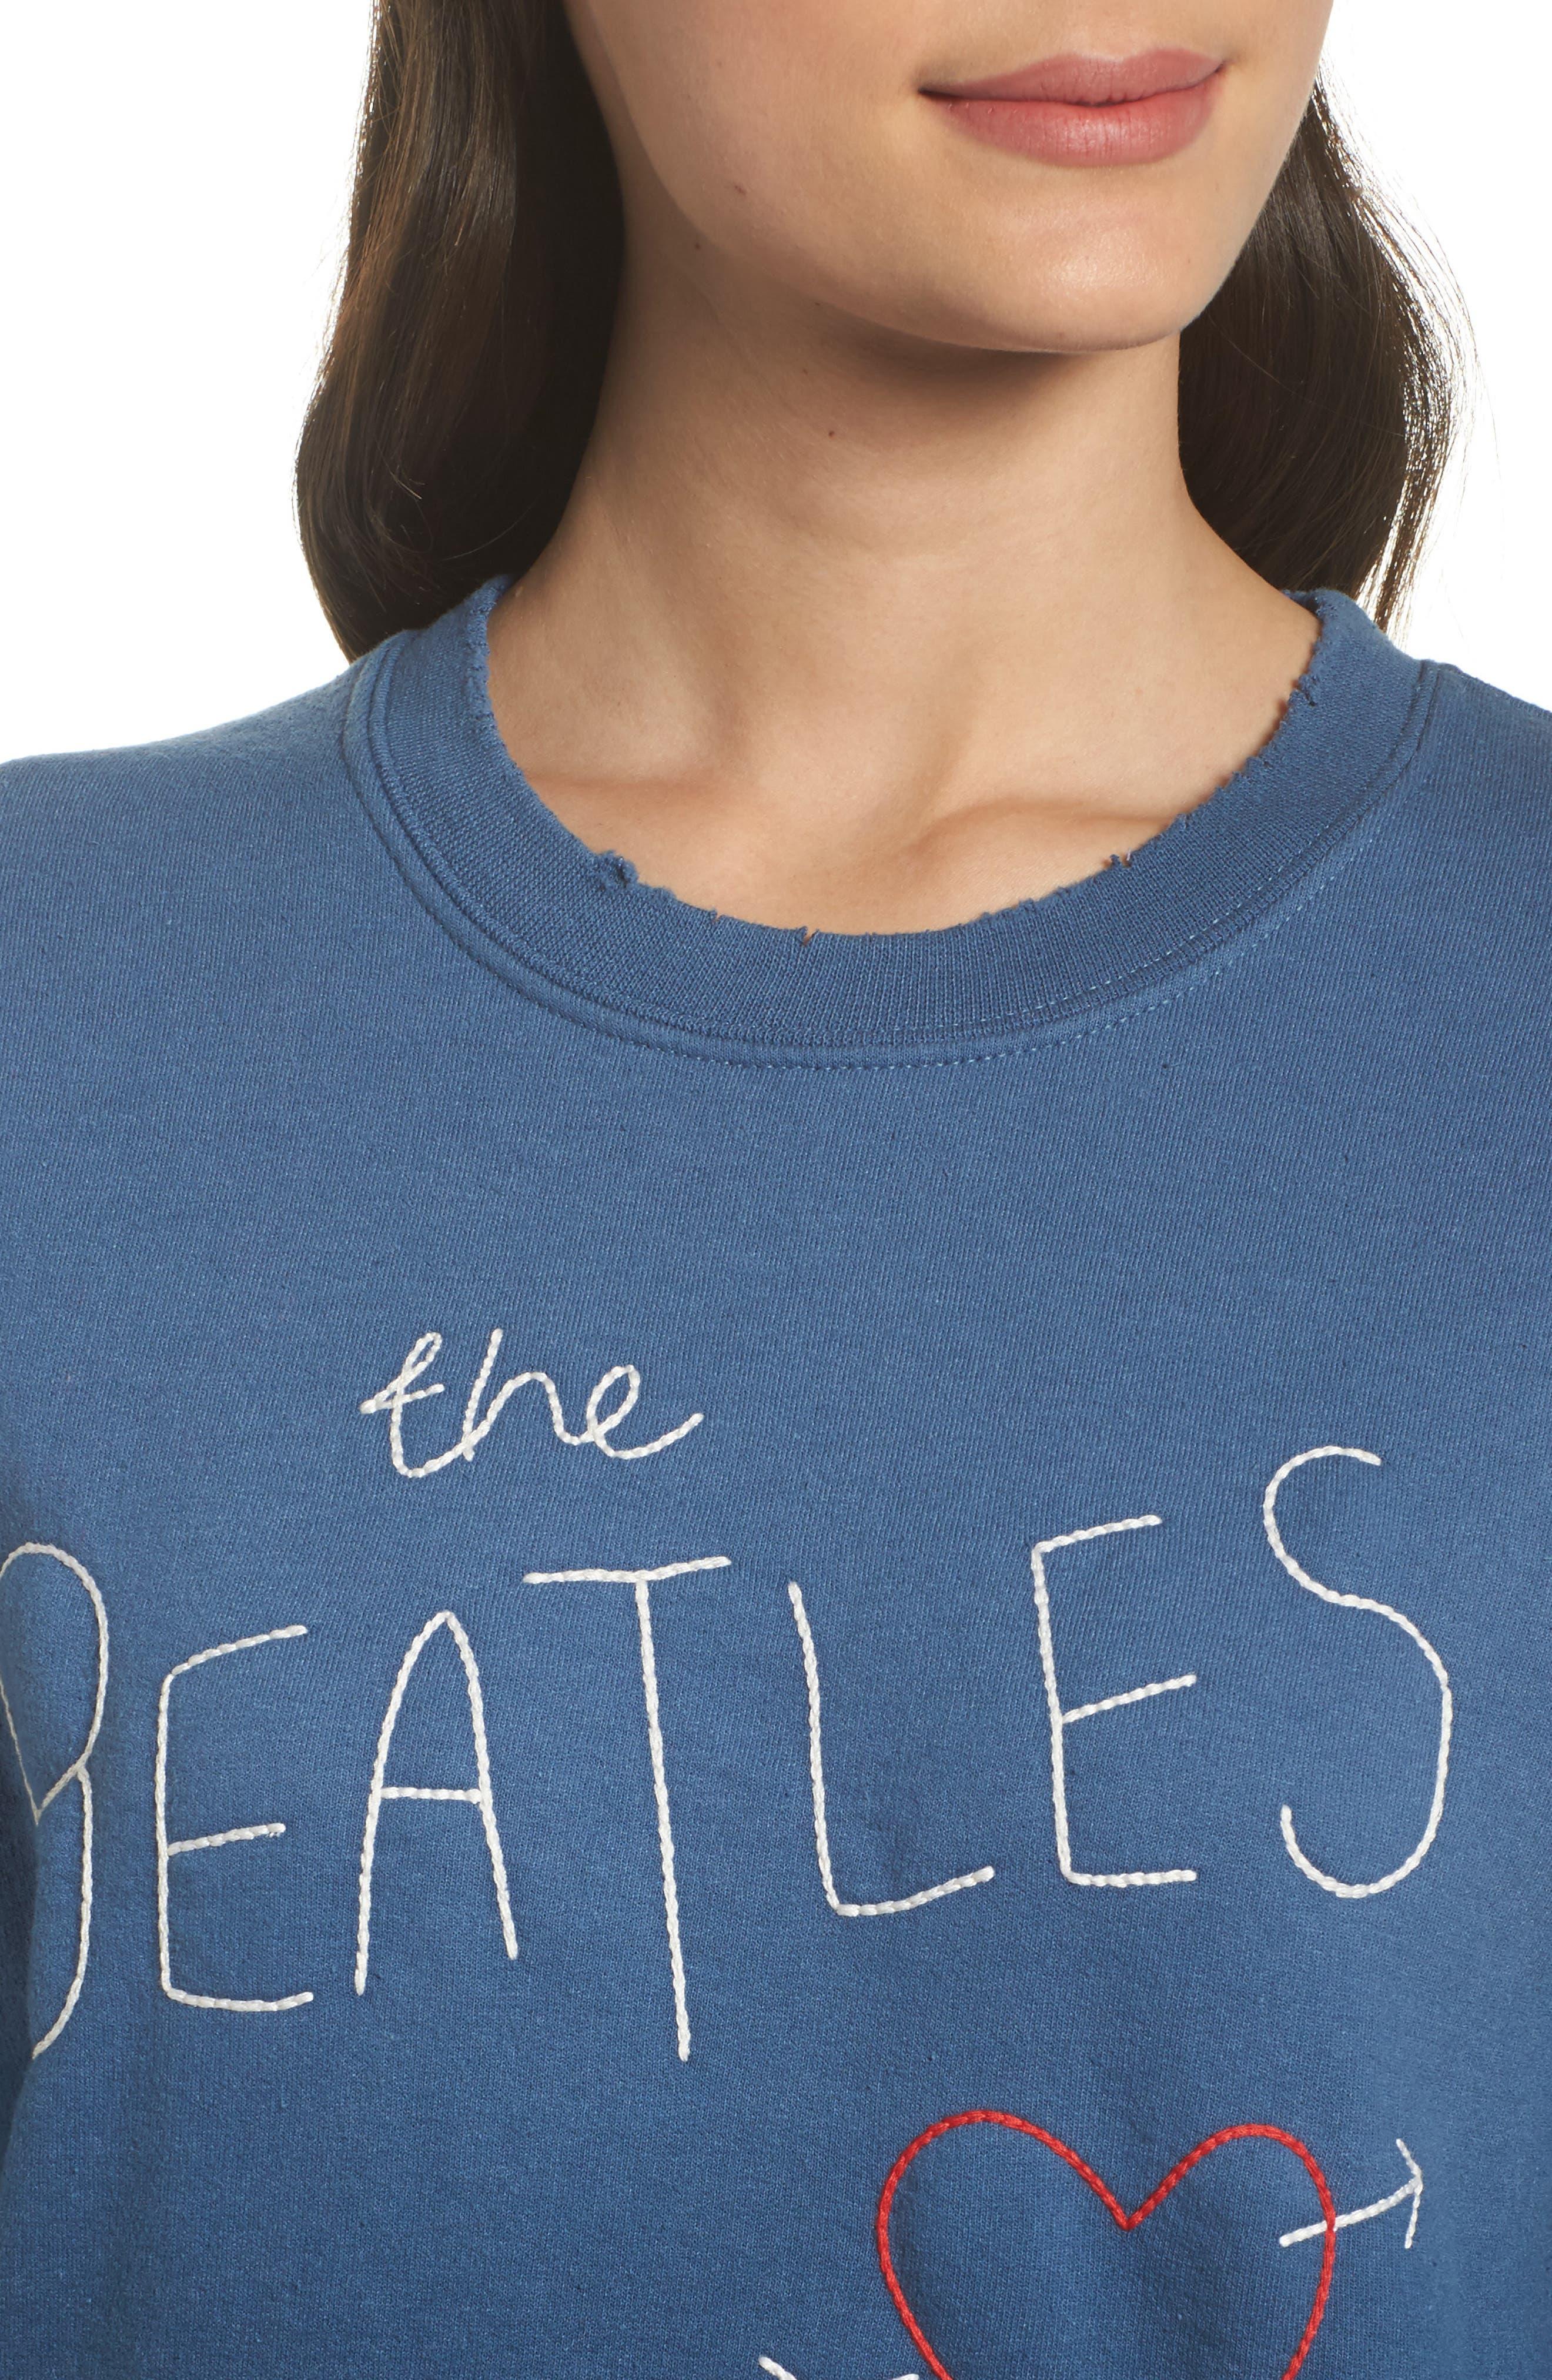 The Beatles Ombré Sweatshirt,                             Alternate thumbnail 4, color,                             410